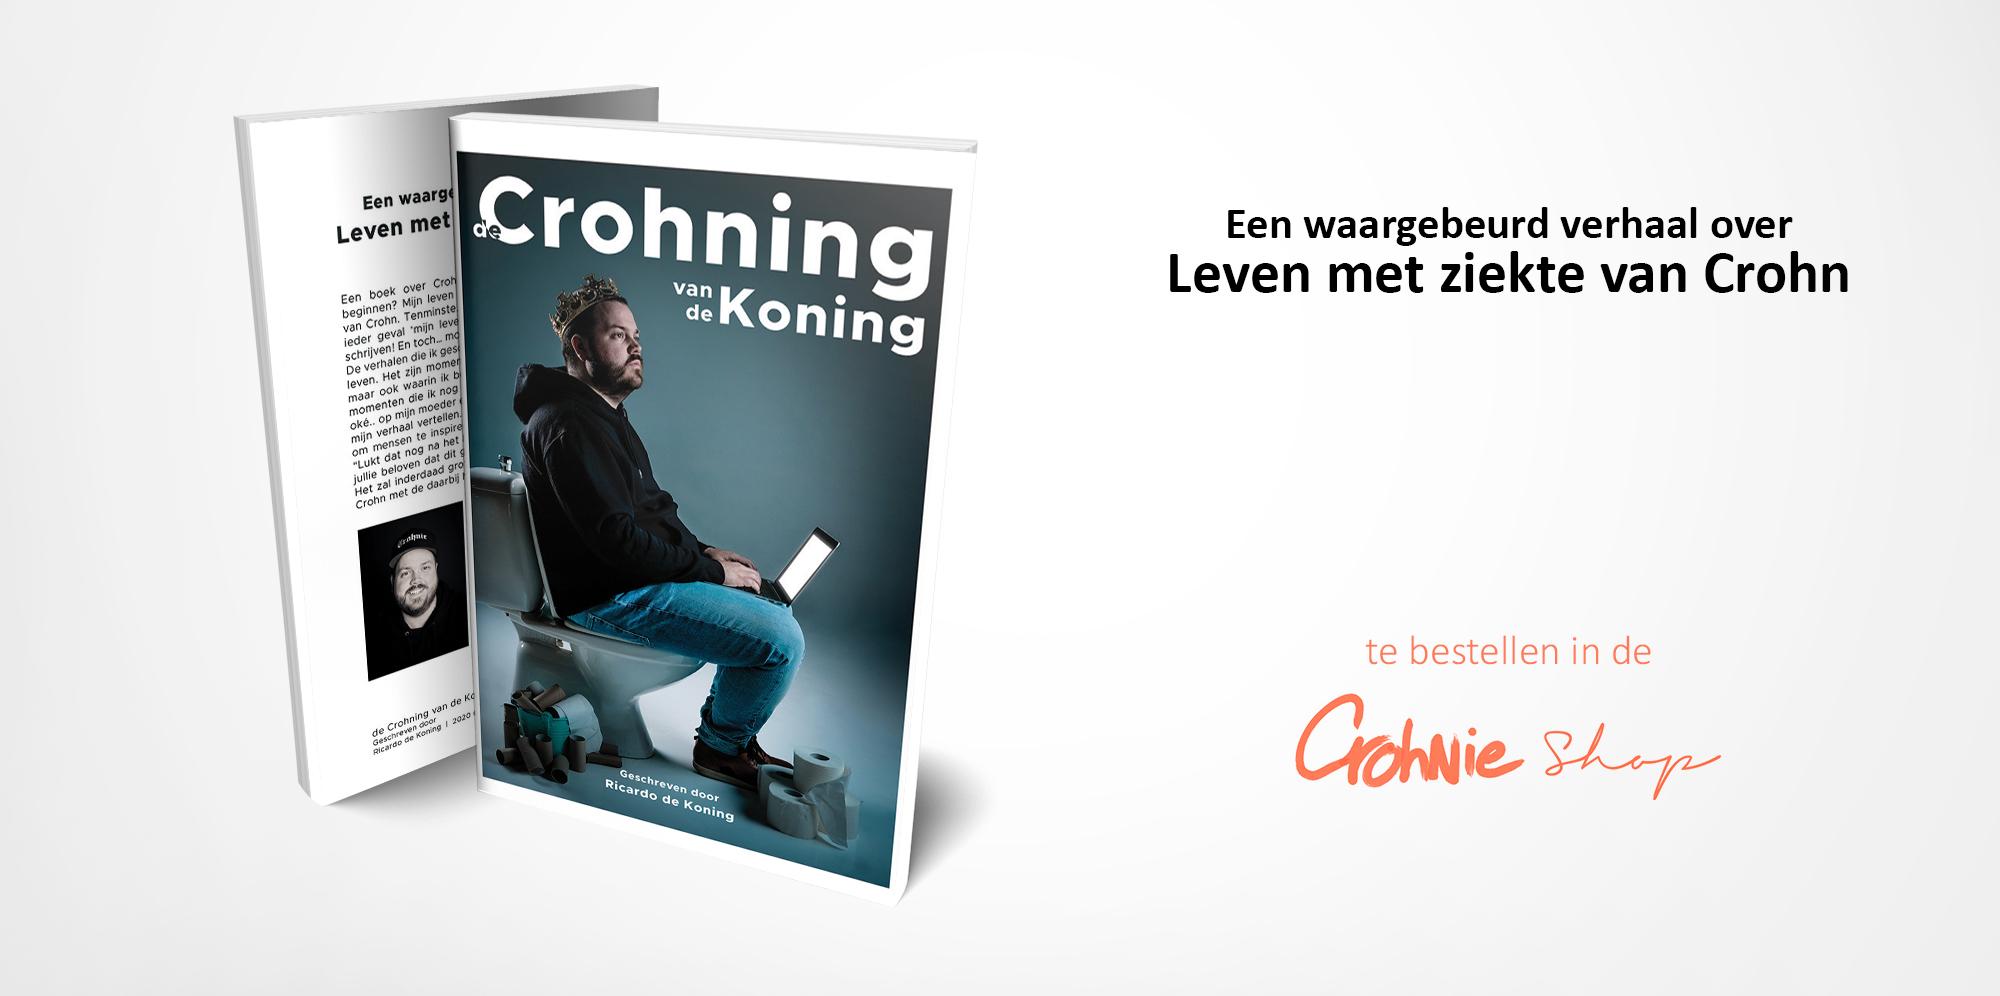 Banner_Boek voor en achter_De Crohning v